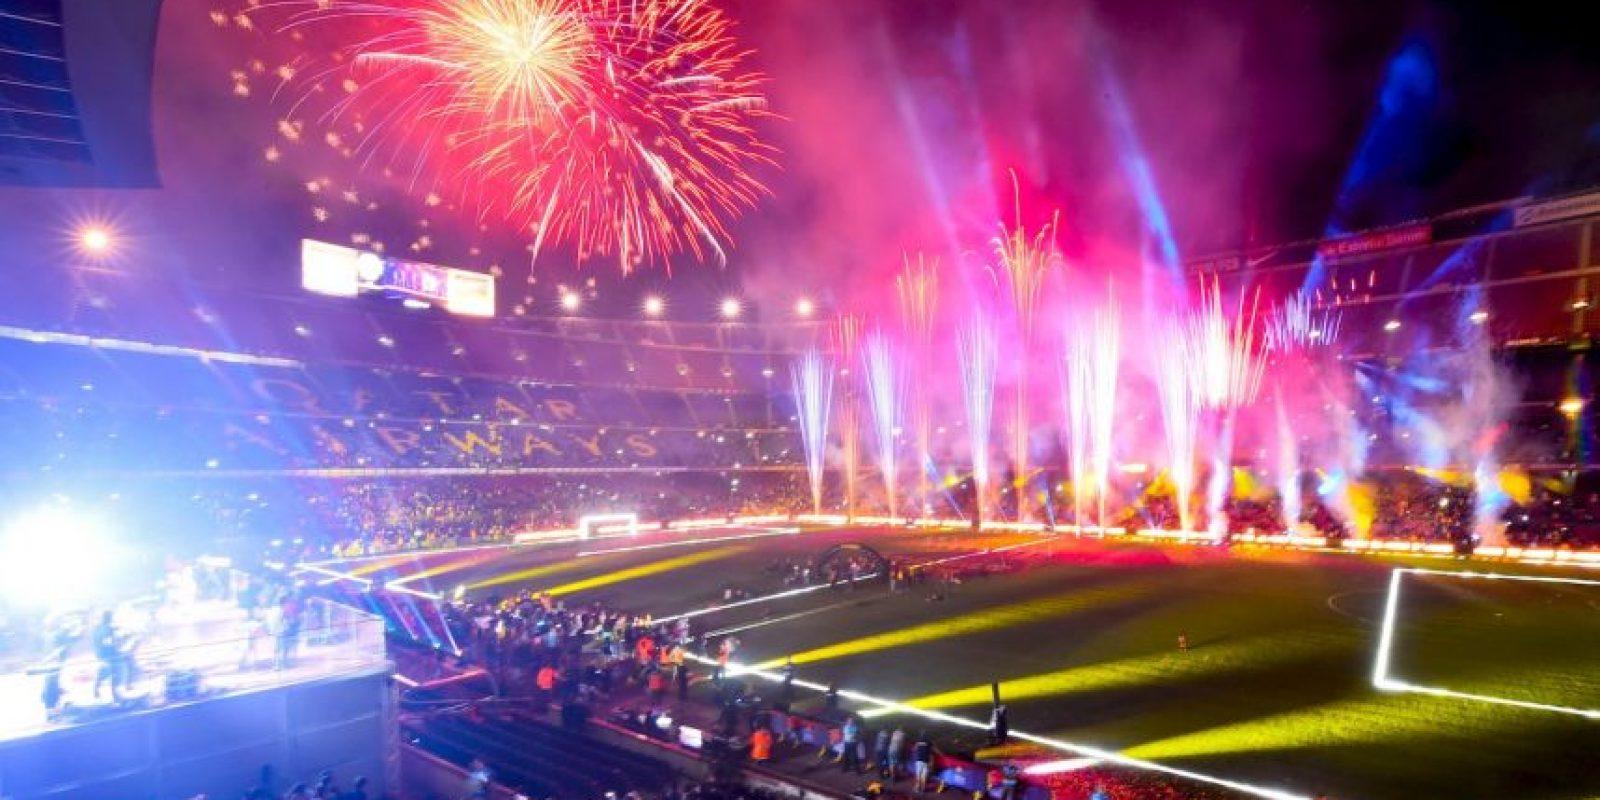 Los blauguranas subieron un puesto con respecto a 2015 y su valor es de 3.550 millones de dólares Foto:Getty Images